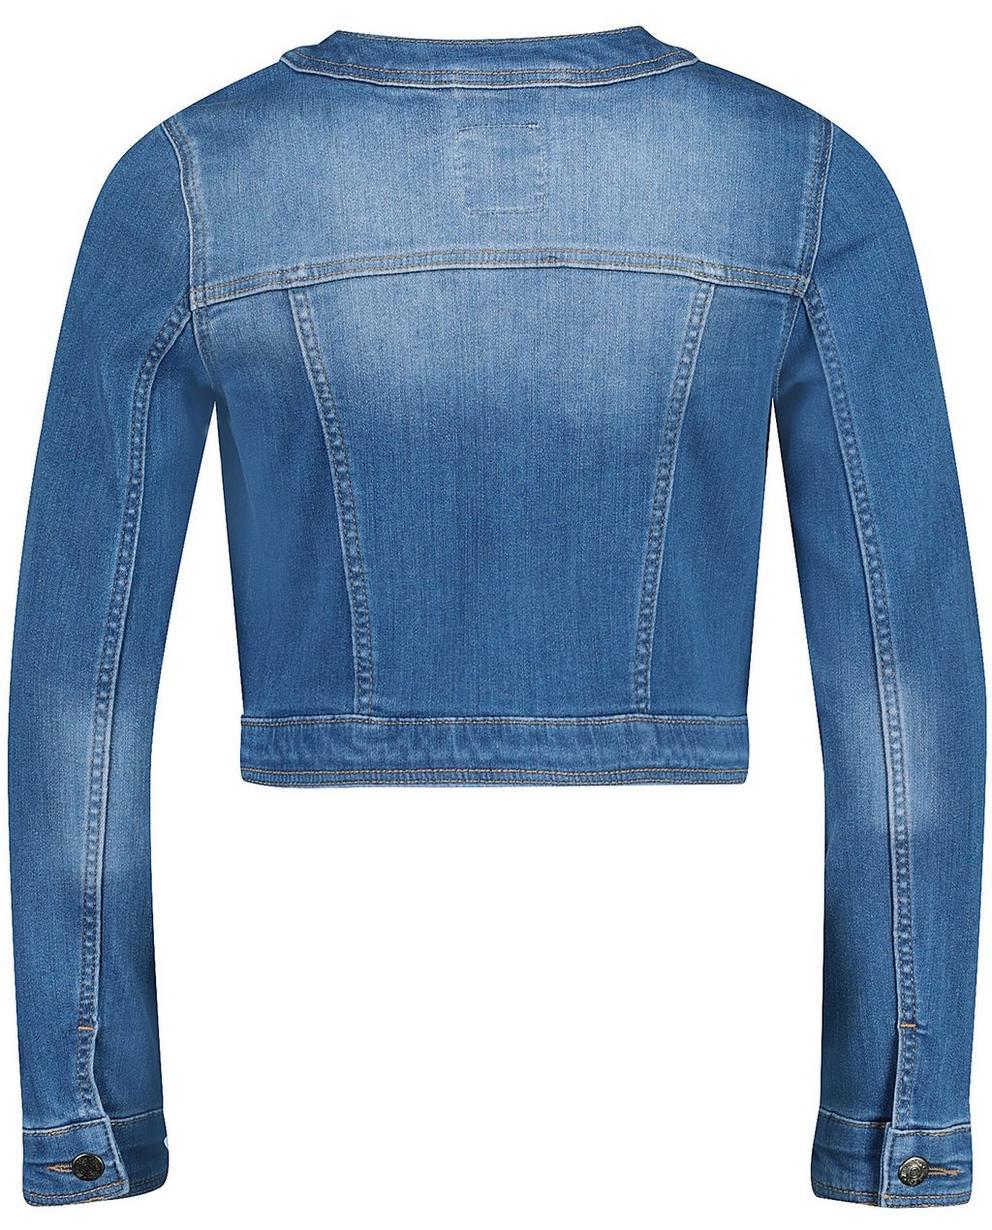 Blazer - Helltürkis - Jeansjacke mit Waschung